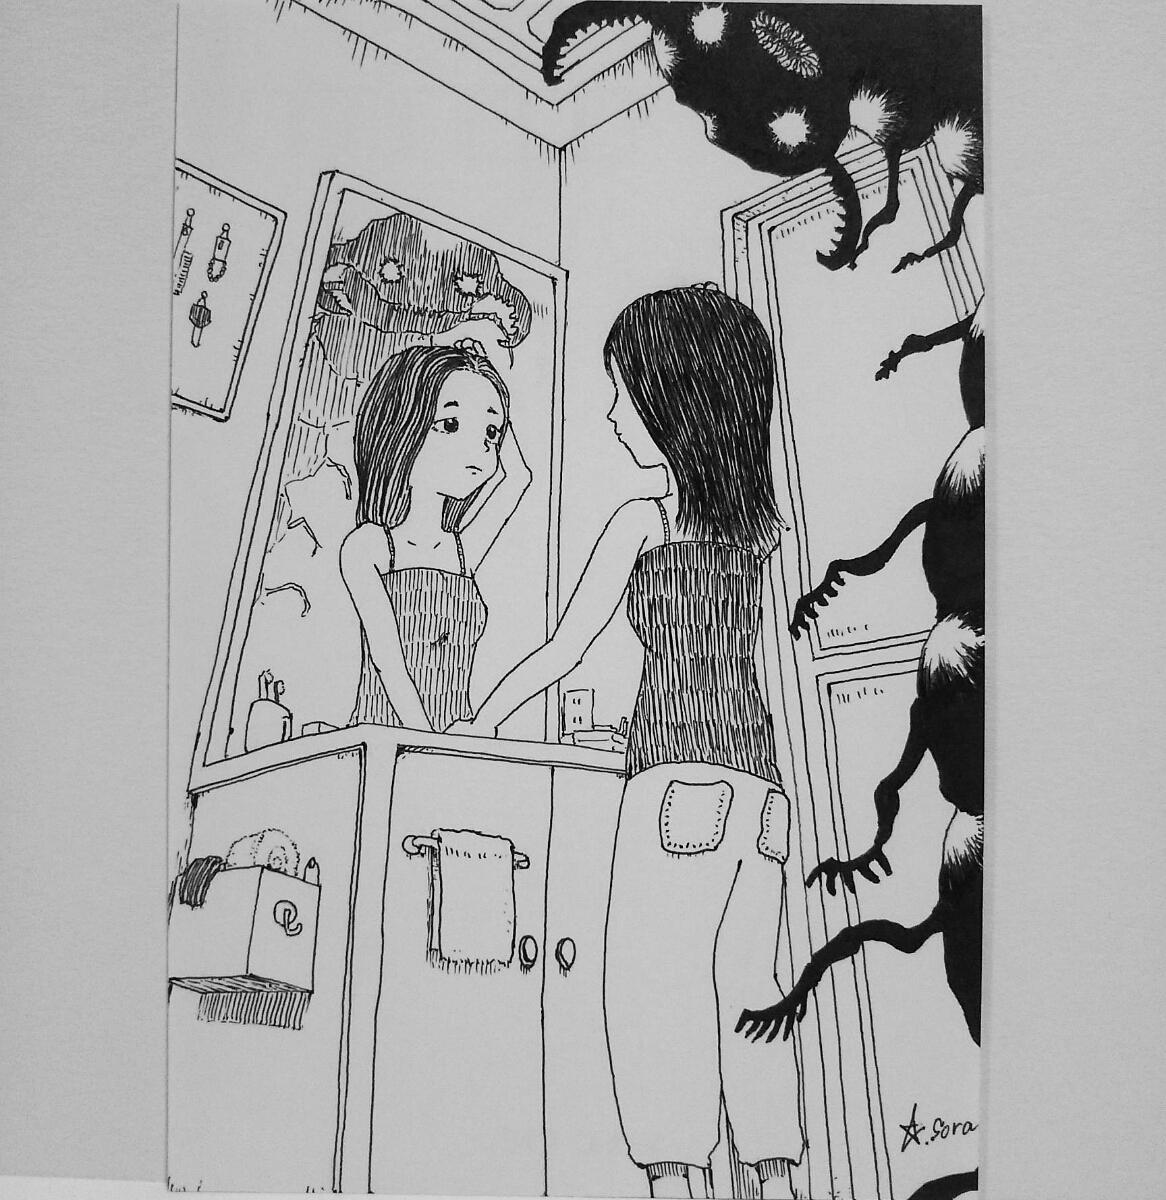 オリジナルイラスト 手描きイラスト ハンドメイド 自作 アート 白黒 原画